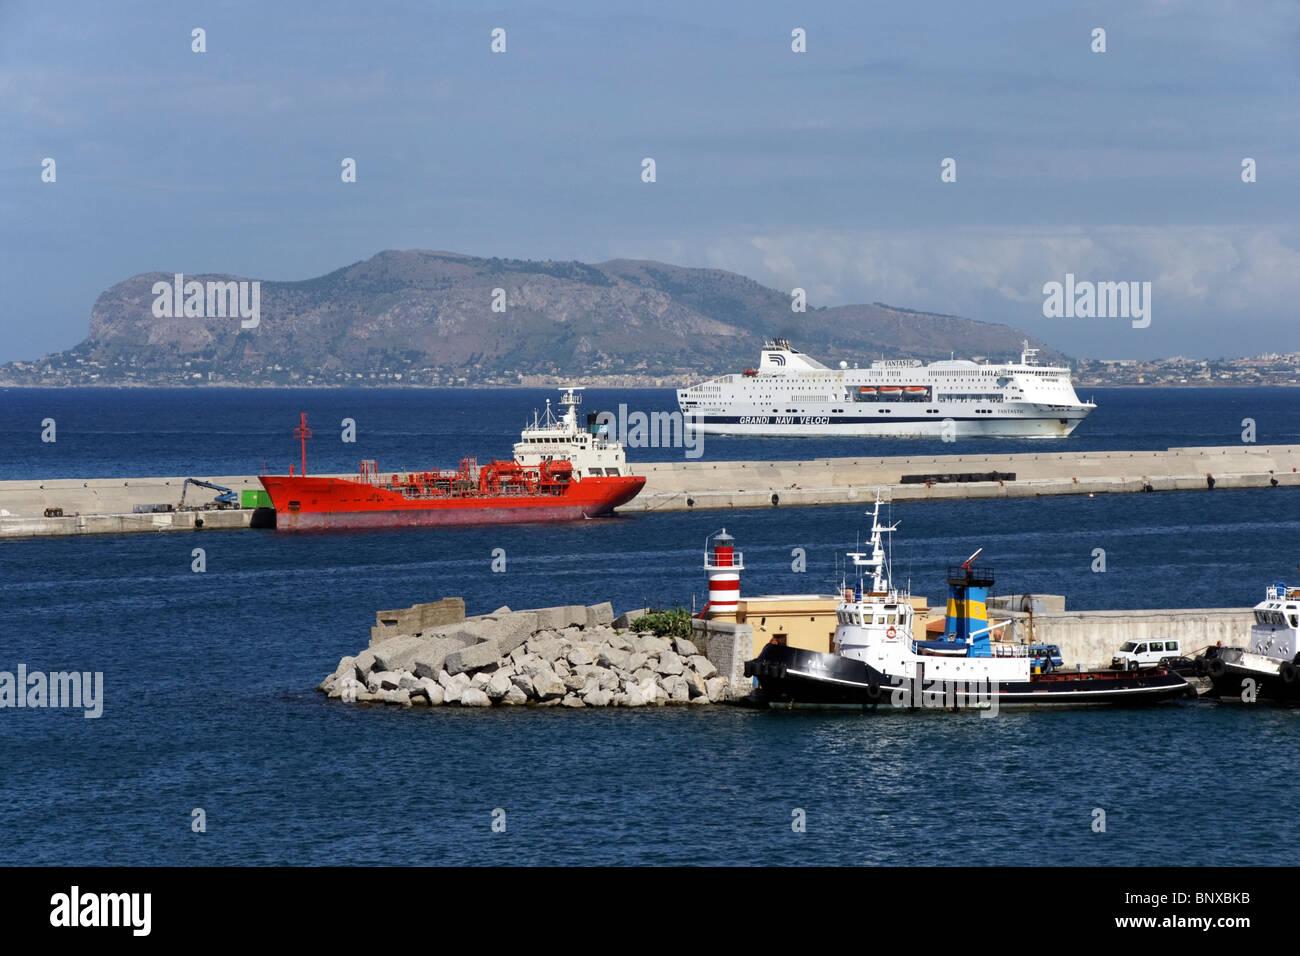 Grandi Navi Veloci ferry passager et l'approche fantastique sur le port de Palerme Sicile en Italie Photo Stock